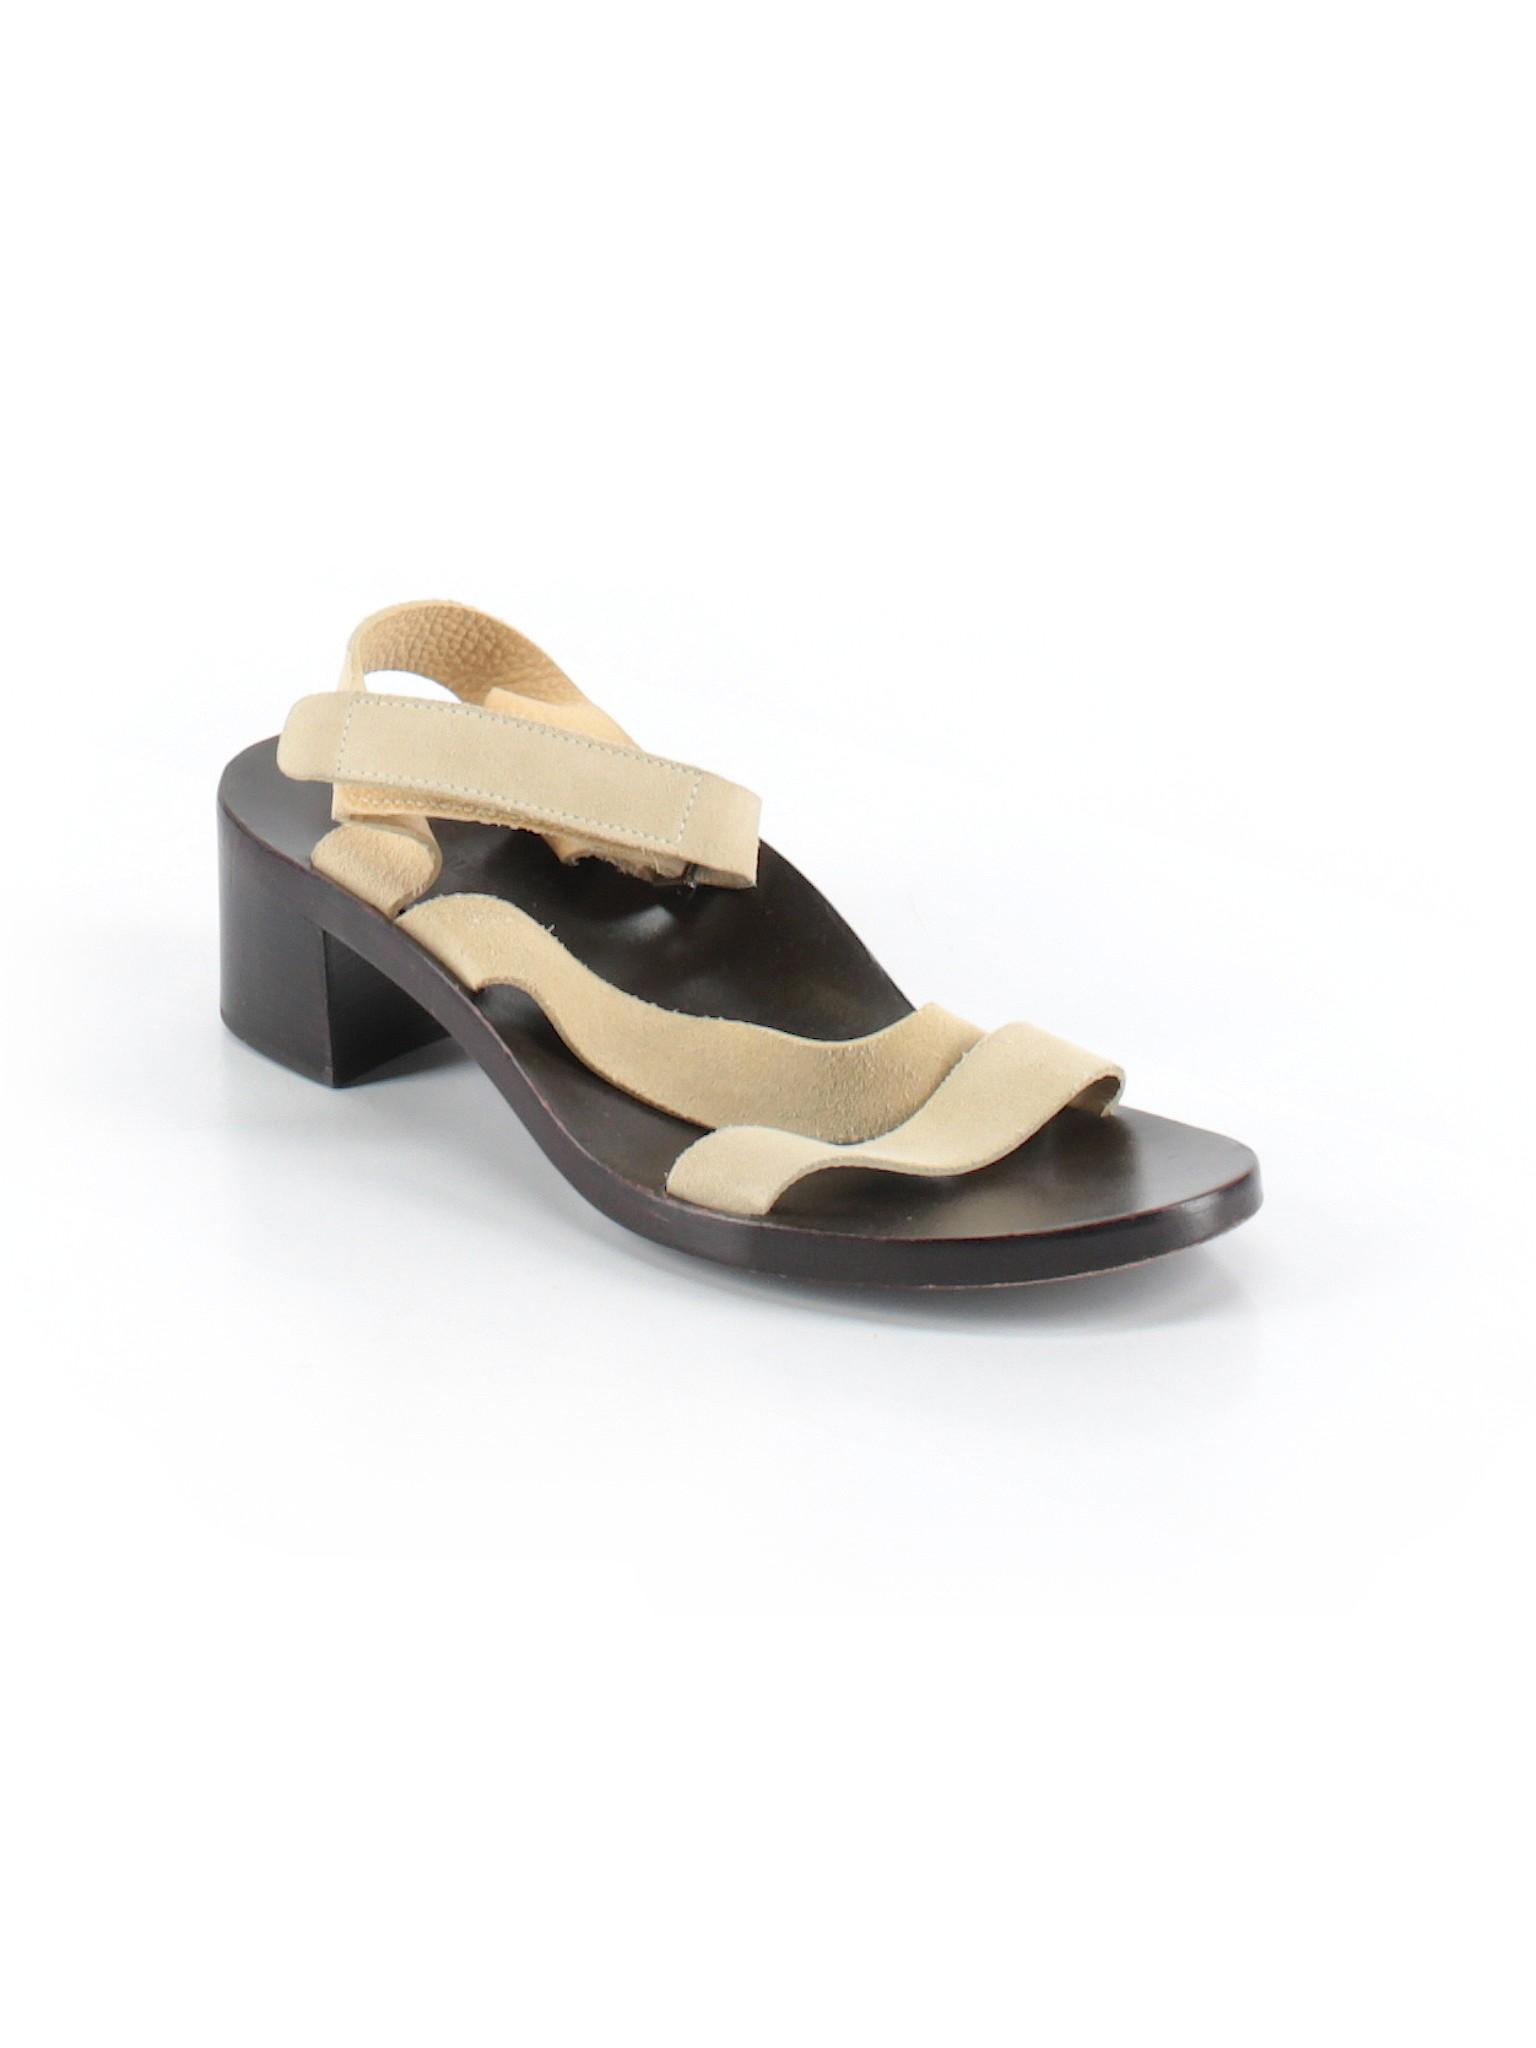 Lauren Ralph Boutique Boutique promotion Heels promotion x8wF0wq